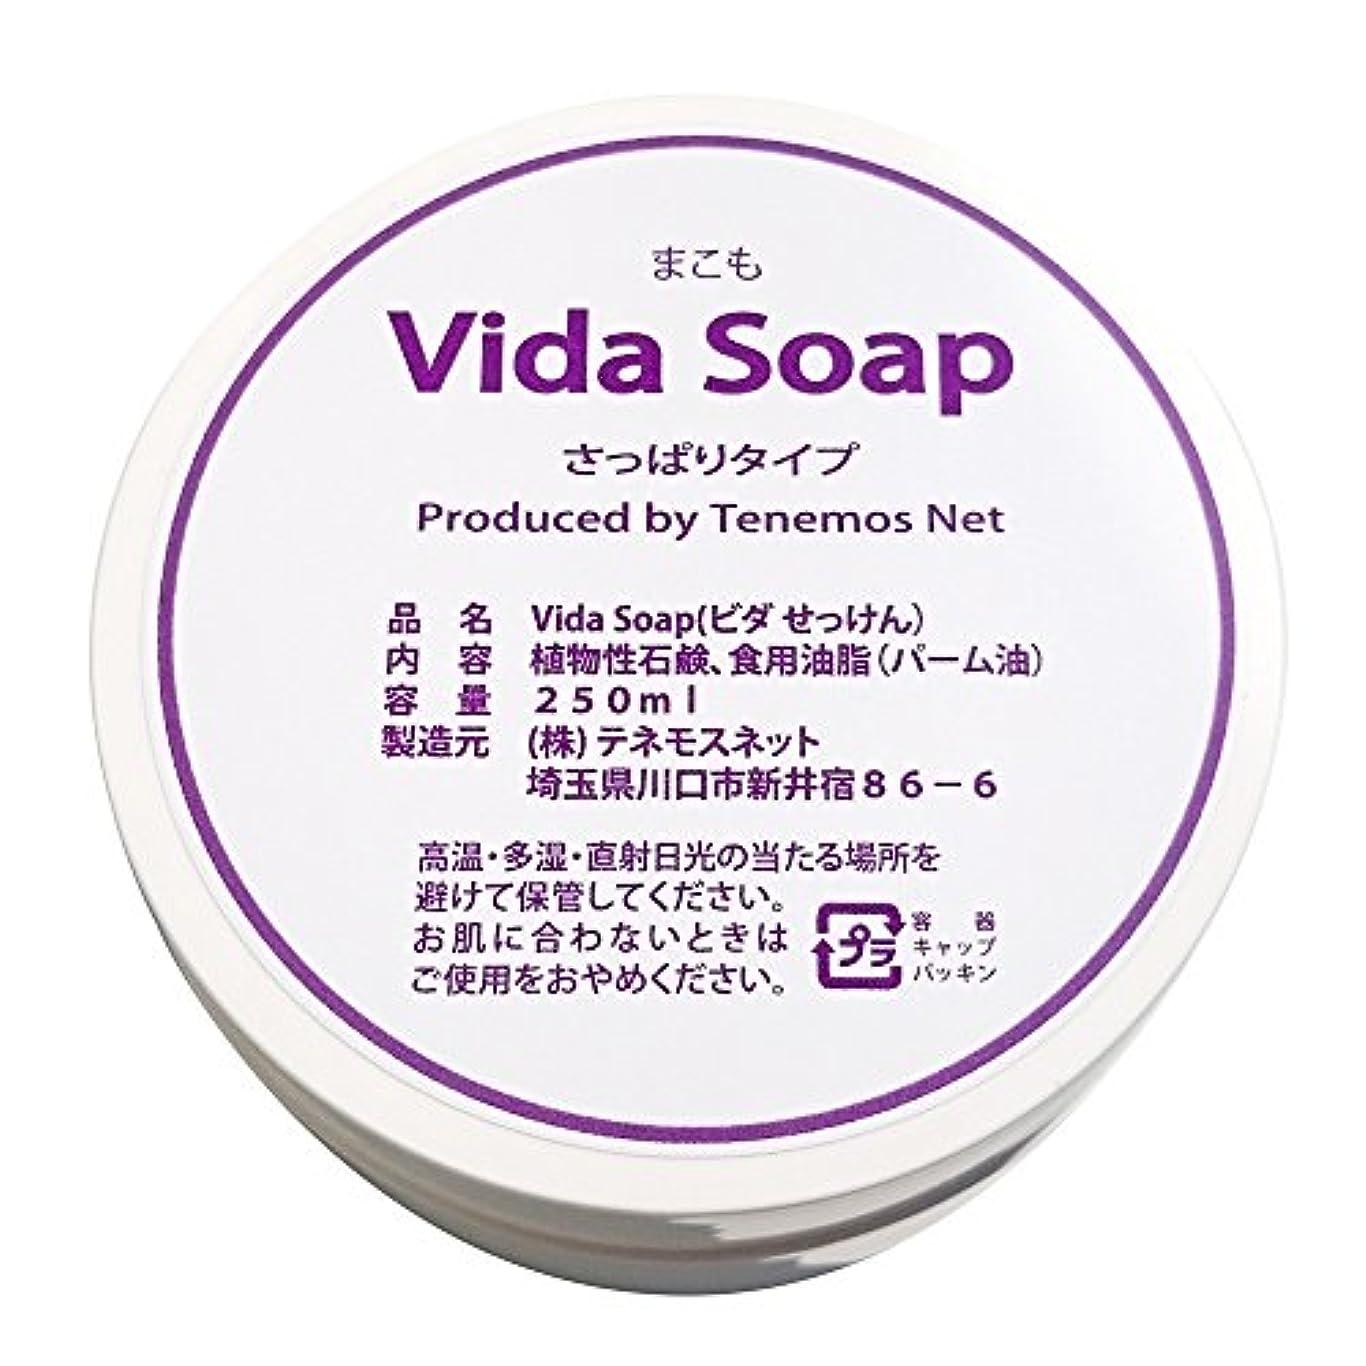 極貧一見教師の日テネモス ビダせっけん Vida Soap さっぱりまこも 植物性 250ml